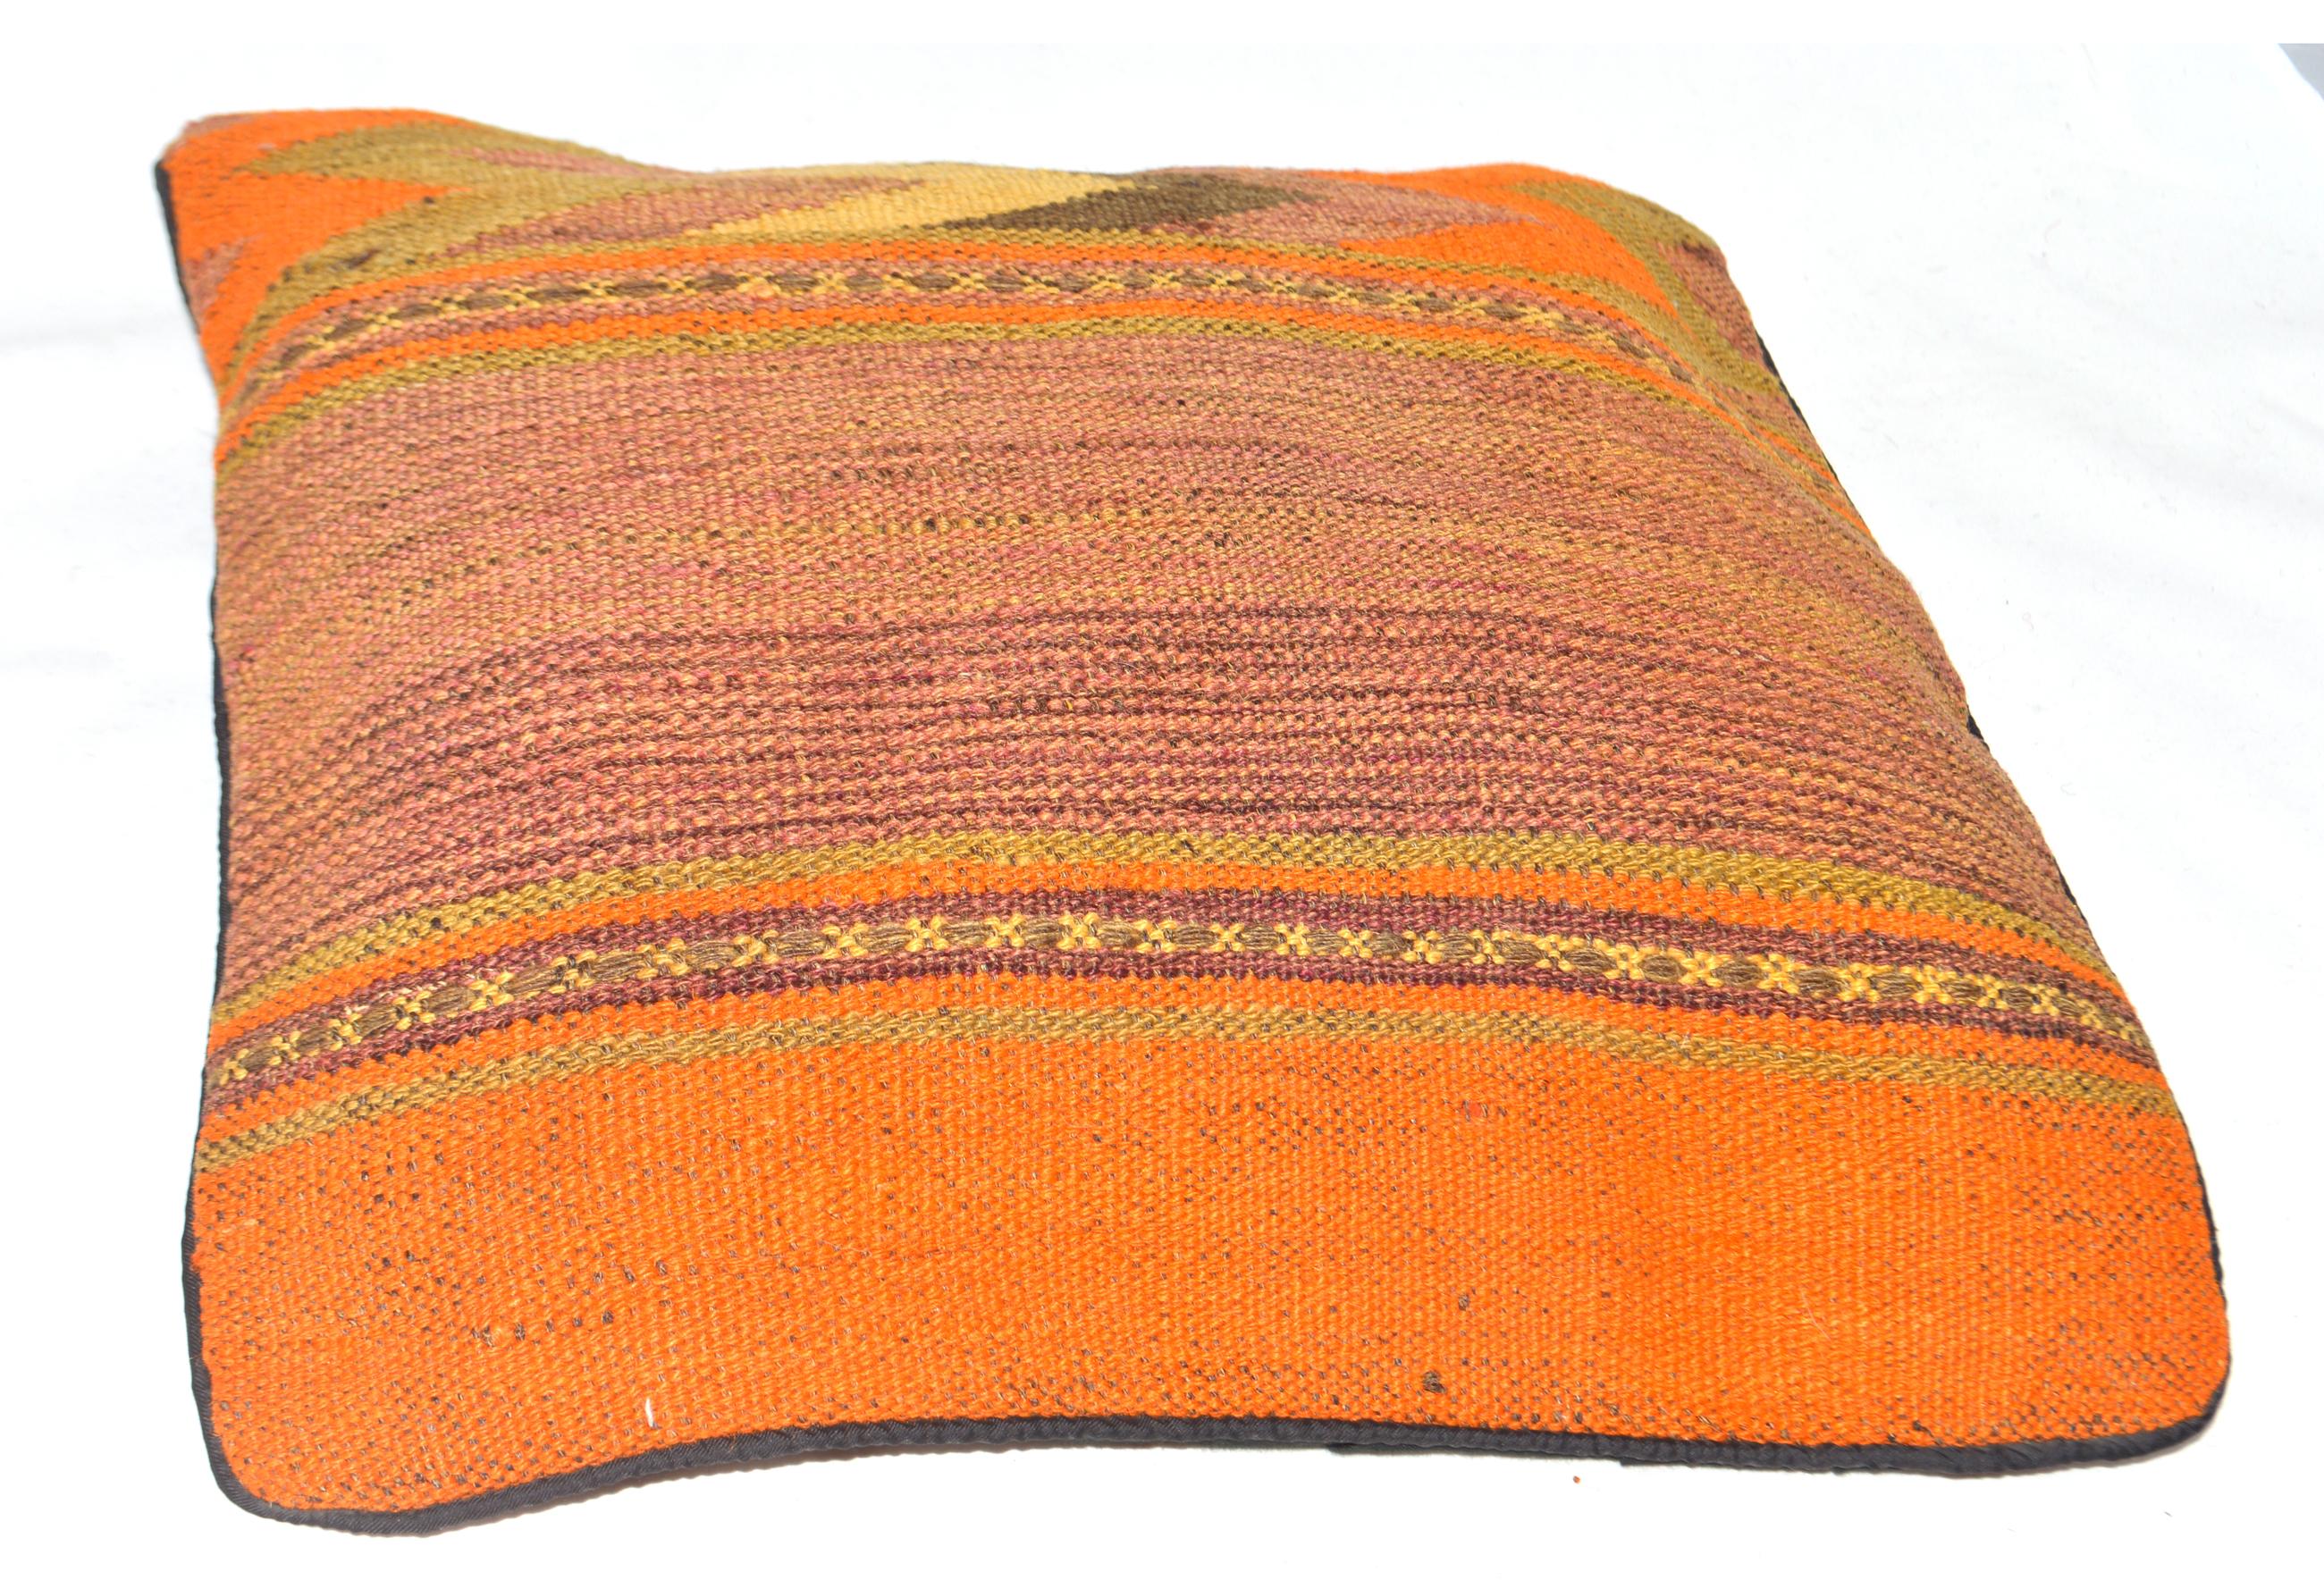 Orientalische Antik Kelim Kissen Unikat aus Wolle, handgewebte Dekokissen, Vintage AKS 010 Größe 40 x 40 cm